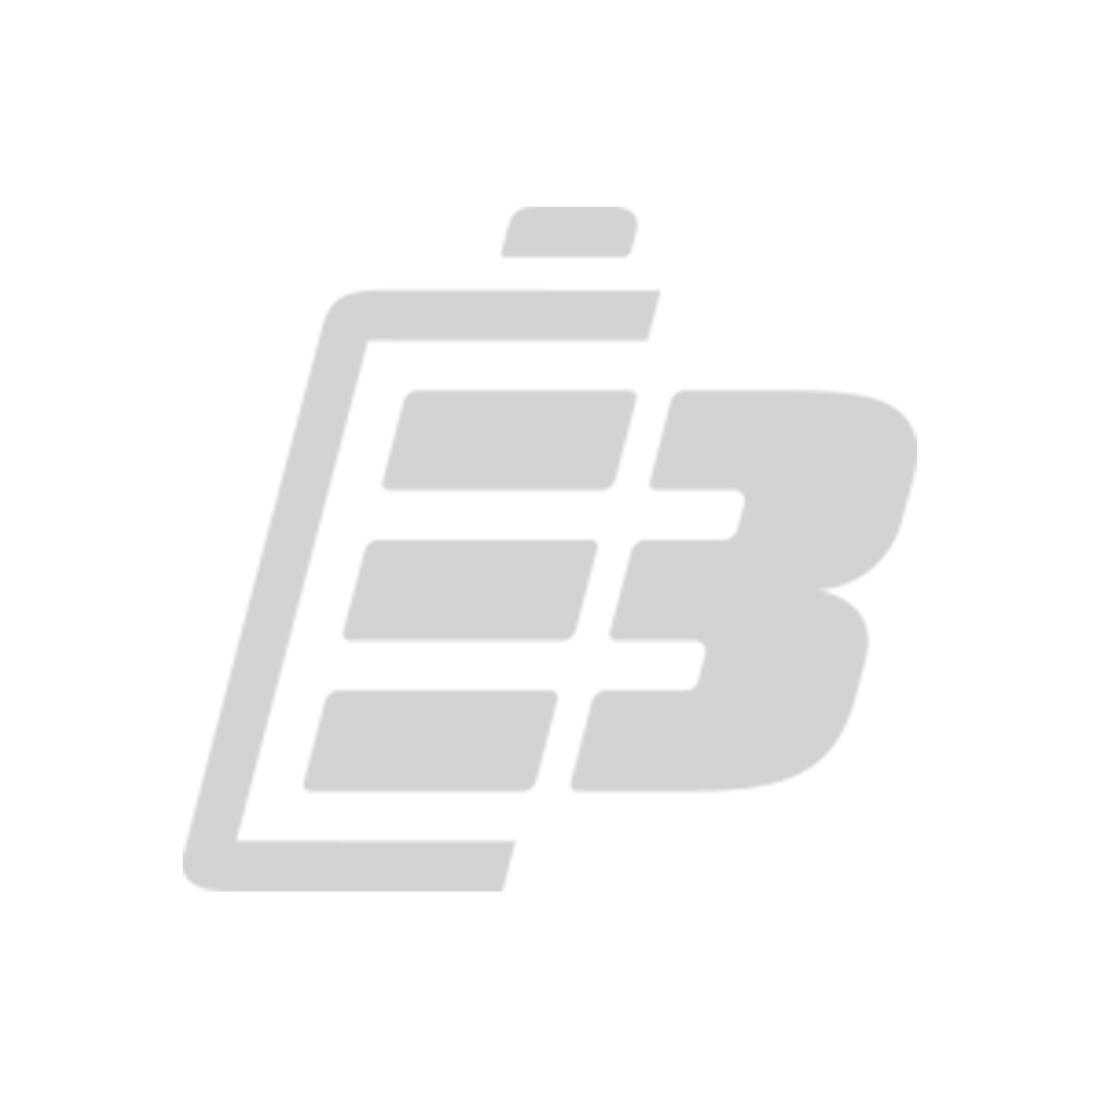 Μπαταρία ηλεκτρικού εργαλείου 24V 3.0Ah Ni_1